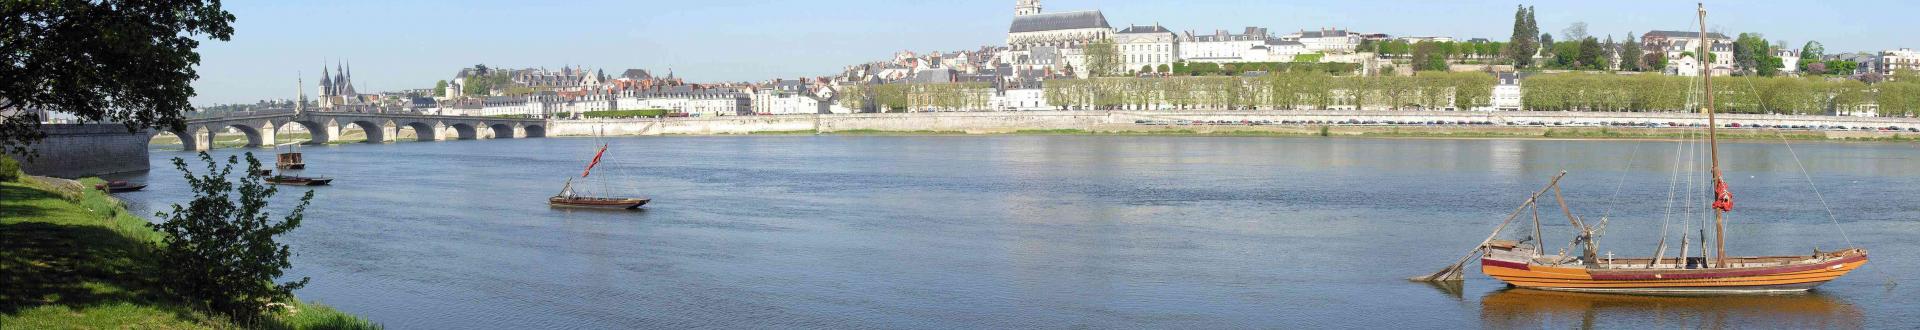 Visidéal | Mûrs-Erigné France | 360 3D VR tours